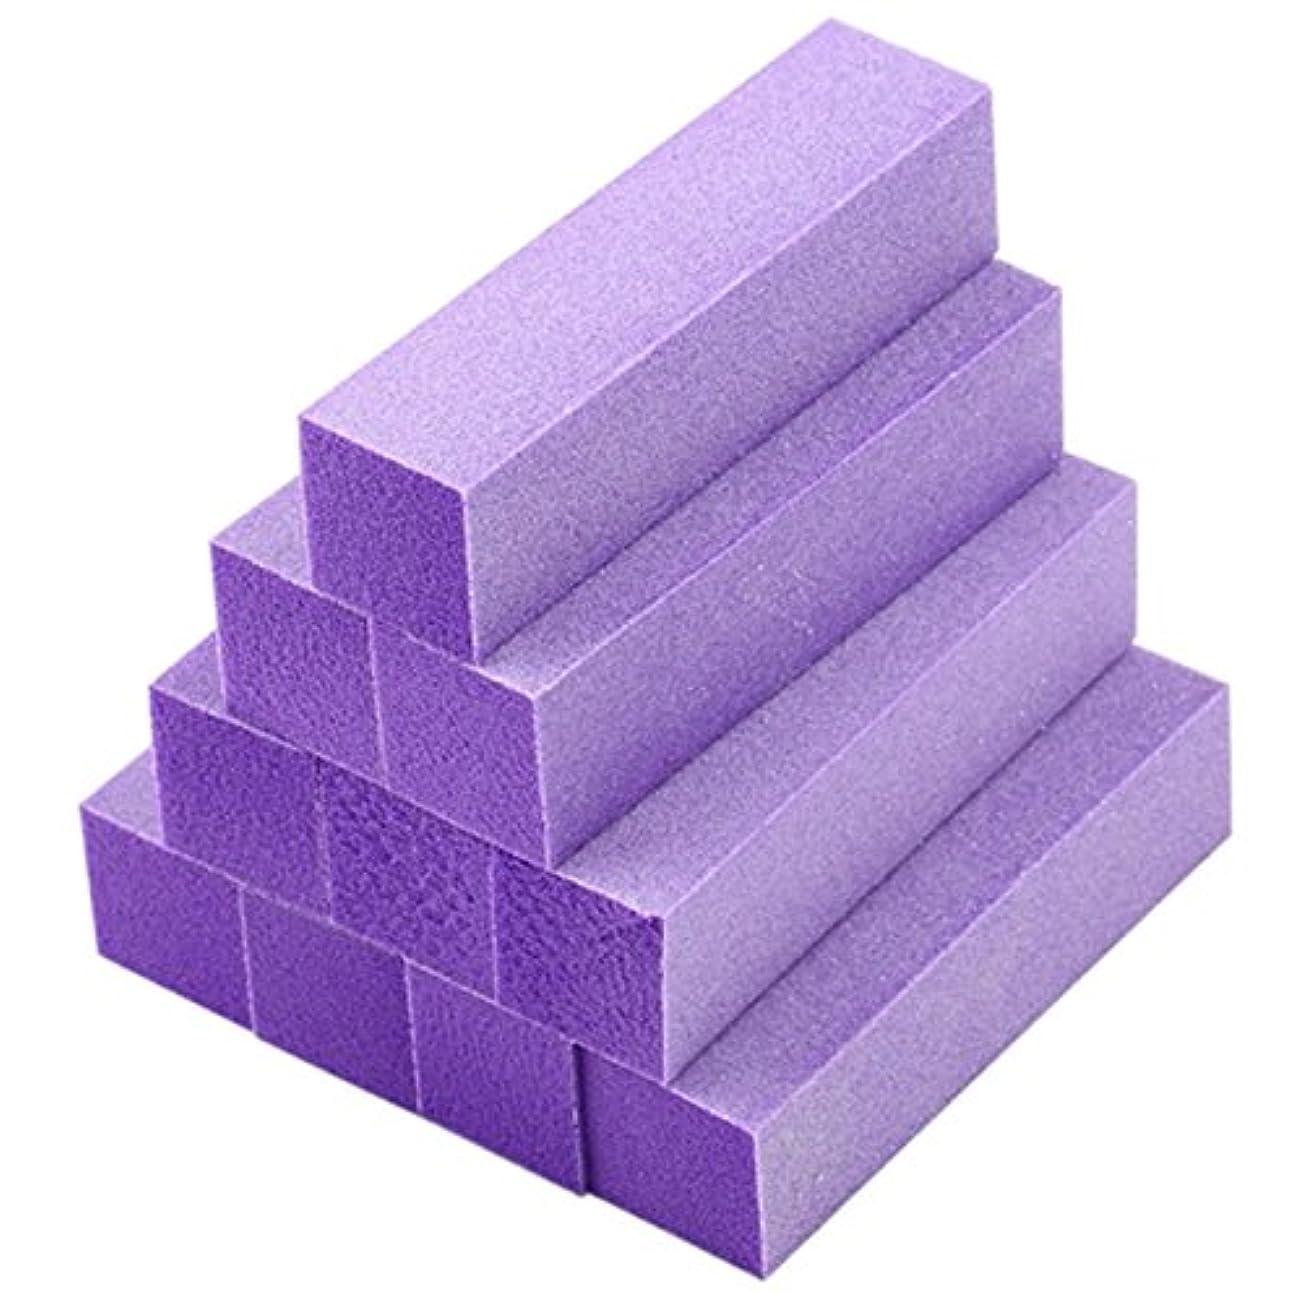 役割学校タバコACAMPTAR 10xバフ研磨 バッファブロックファイル アクリルペディキュアマニキュアネイルアートチップ (色:紫)